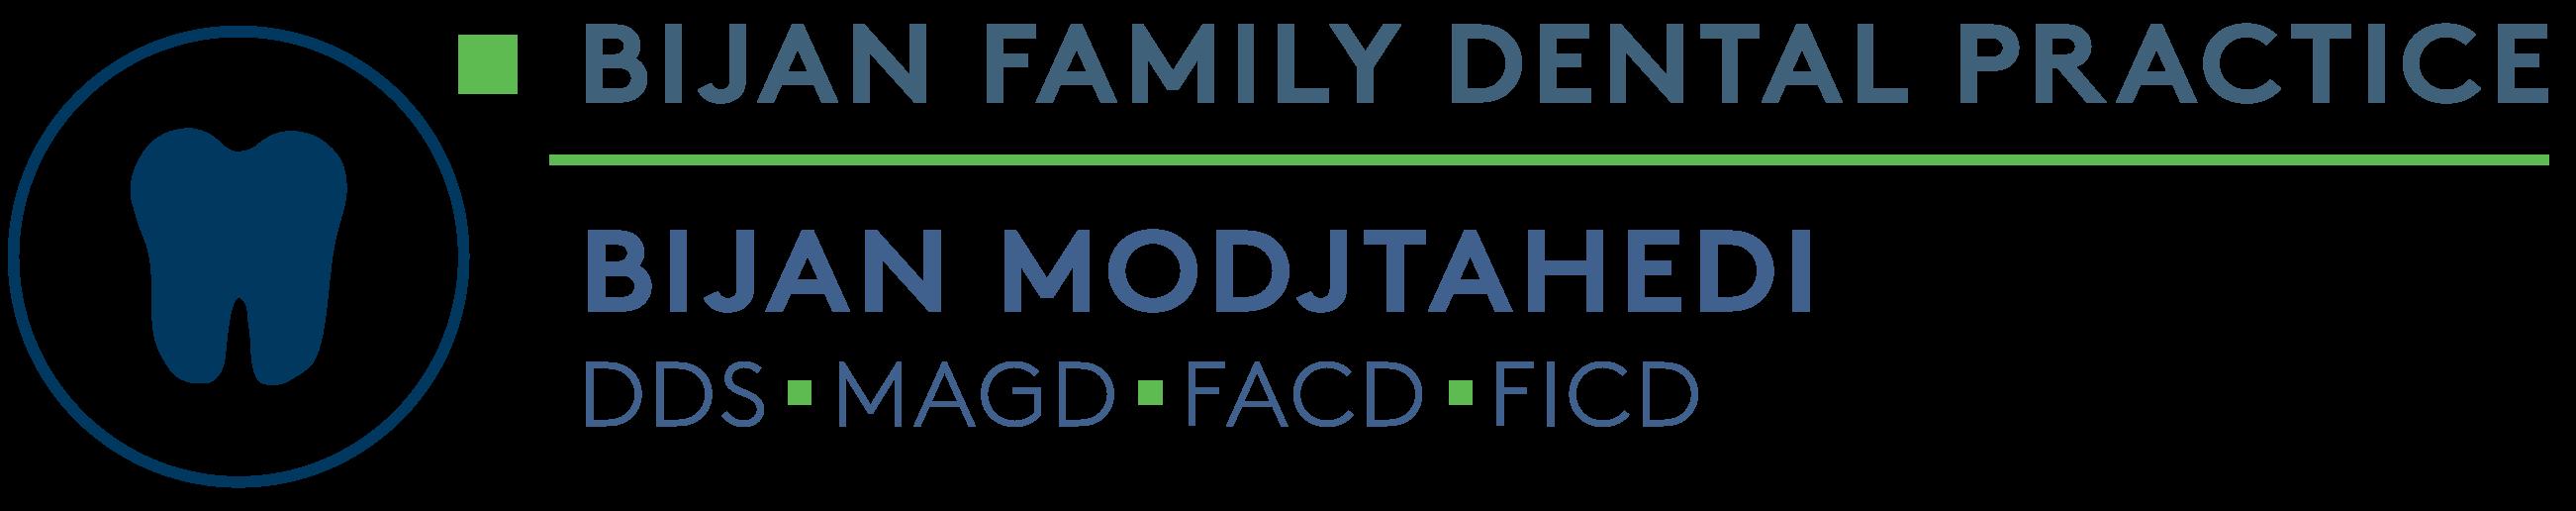 Bijan Family Dental Practice logo